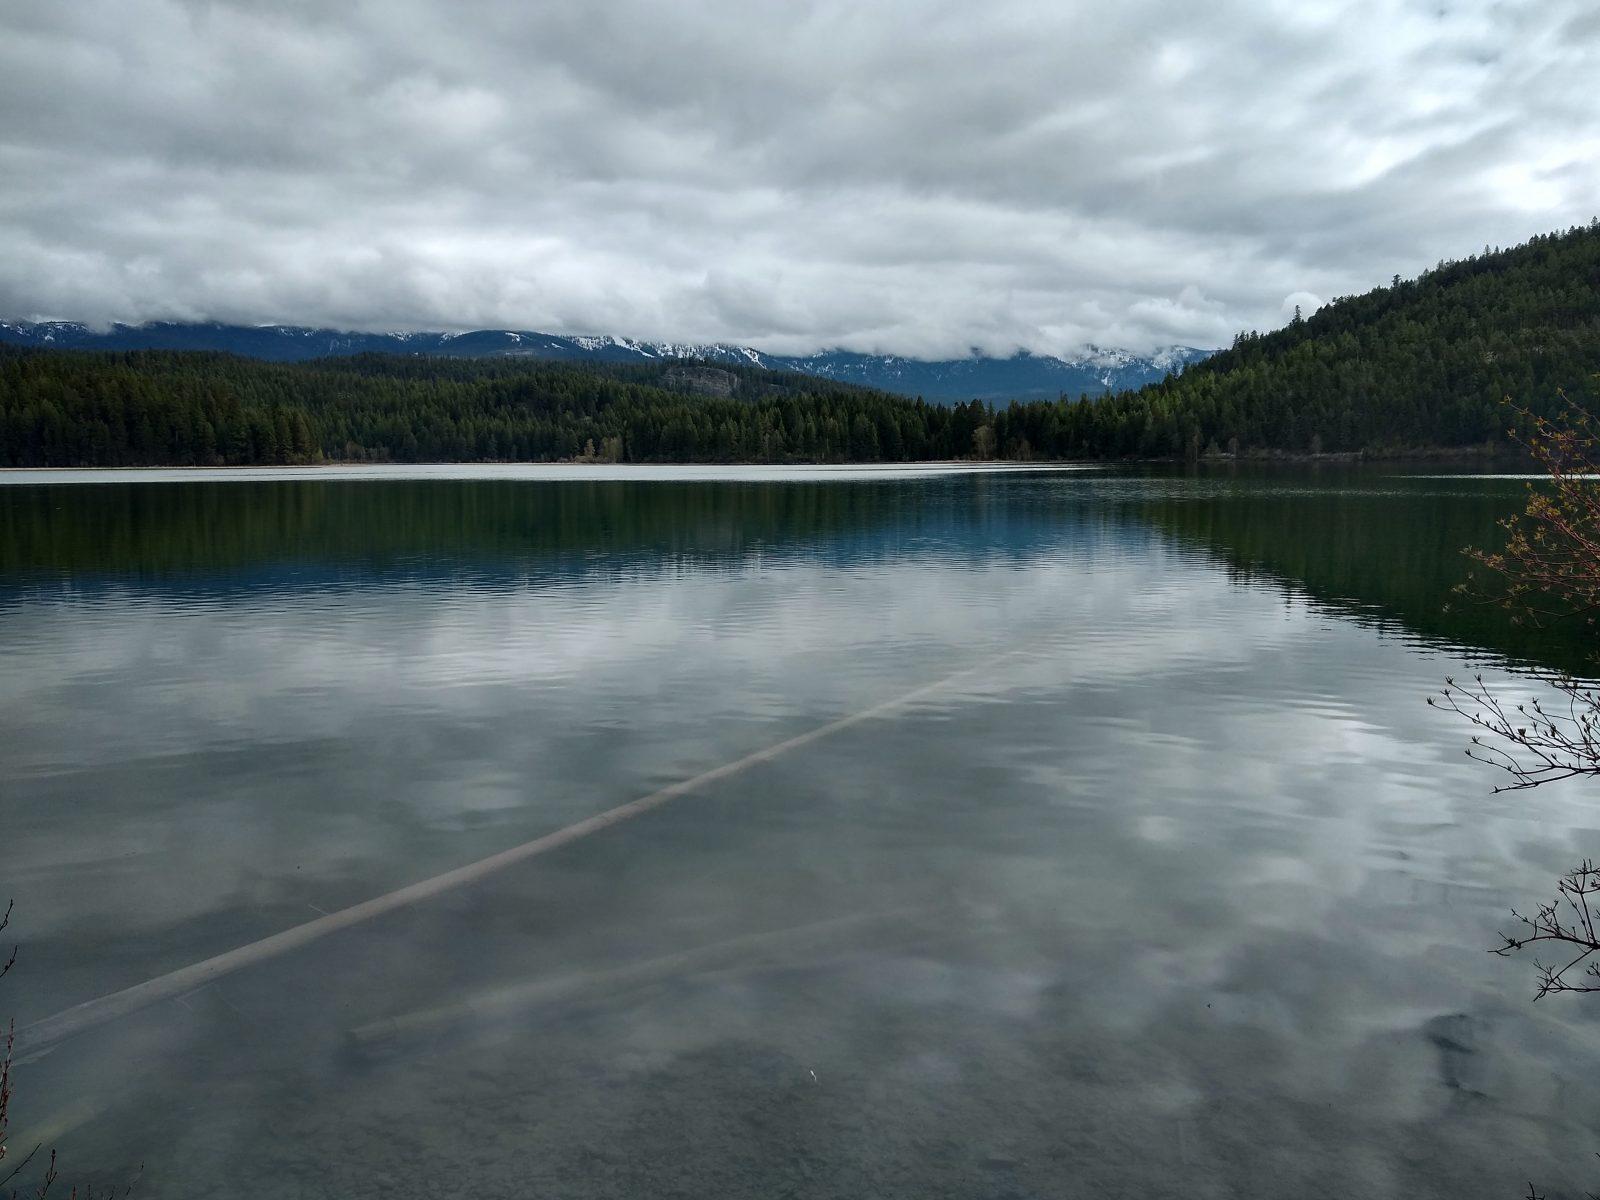 Beaver Lake - May 16, 2020